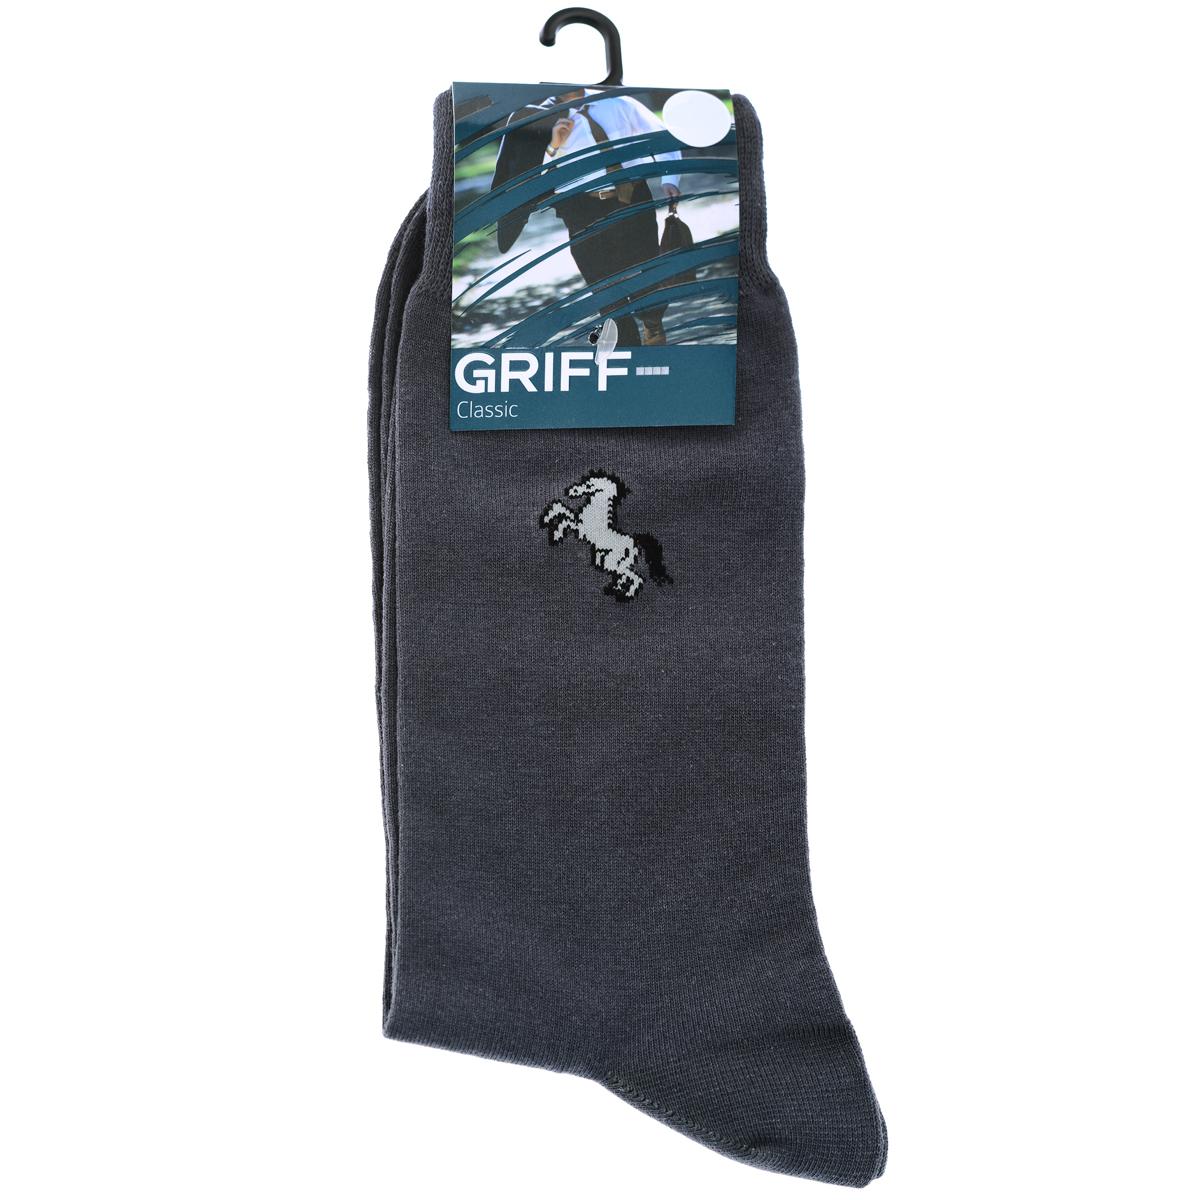 НоскиB1Мужские носки Griff Classic с удлиненным паголенком изготовлены из высококачественного сырья с добавлением полиамидных и эластановых волокон, которые обеспечивают великолепную посадку. Носки отличаются элегантным внешним видом. Удобная широкая резинка идеально облегает ногу и не пережимает сосуды, усиленные пятка и мысок повышают износоустойчивость носка.